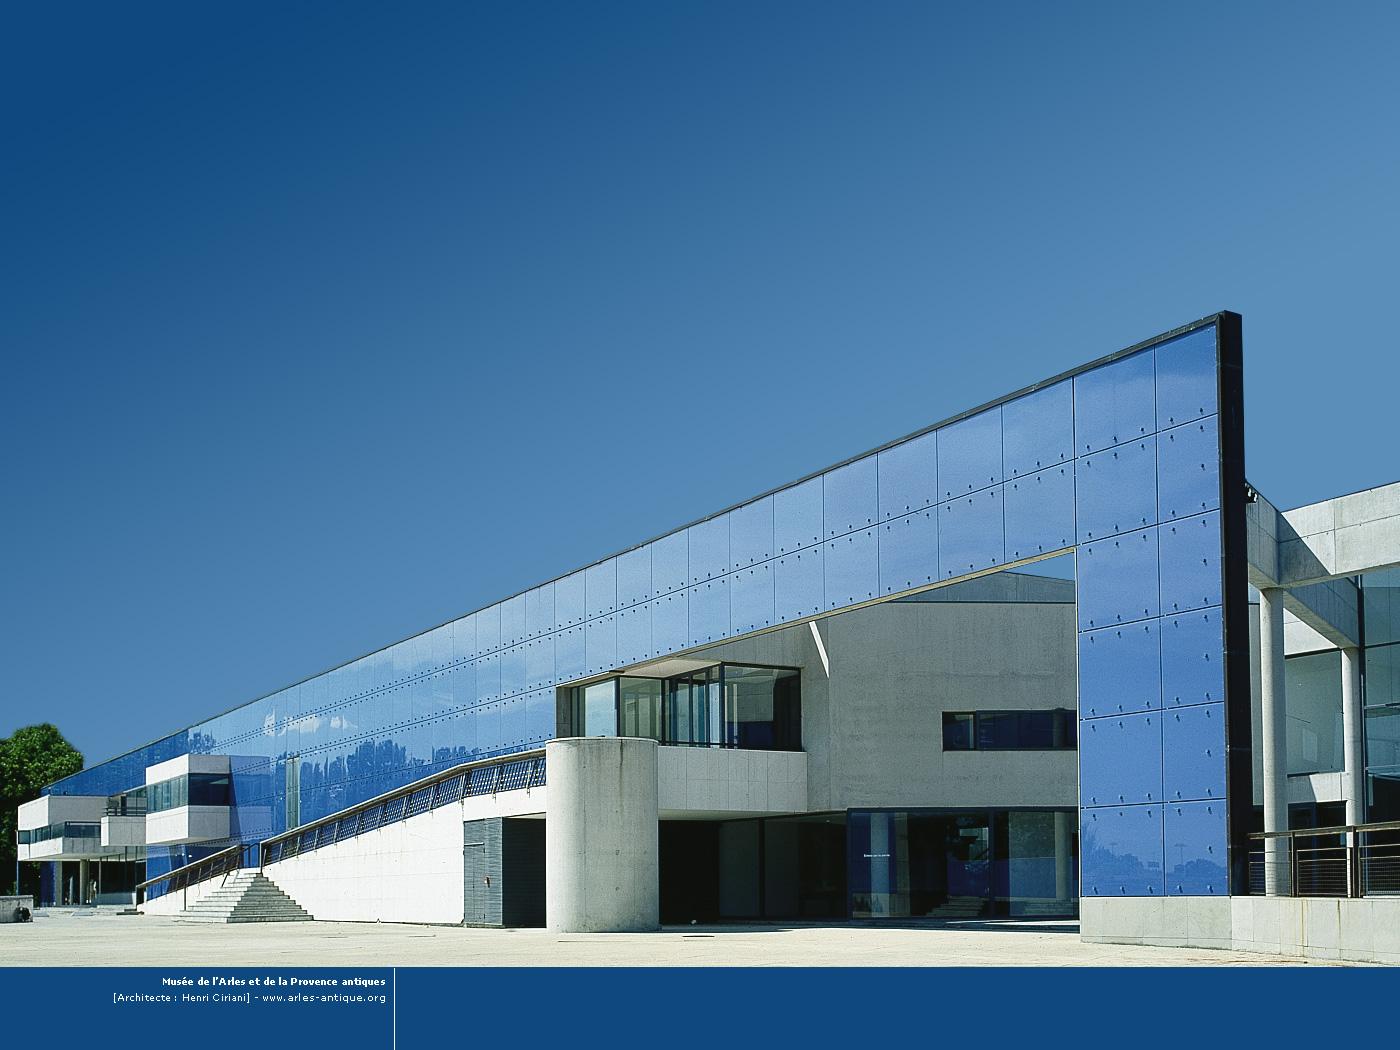 5 arquitectos peruanos contemporáneos American Airlines